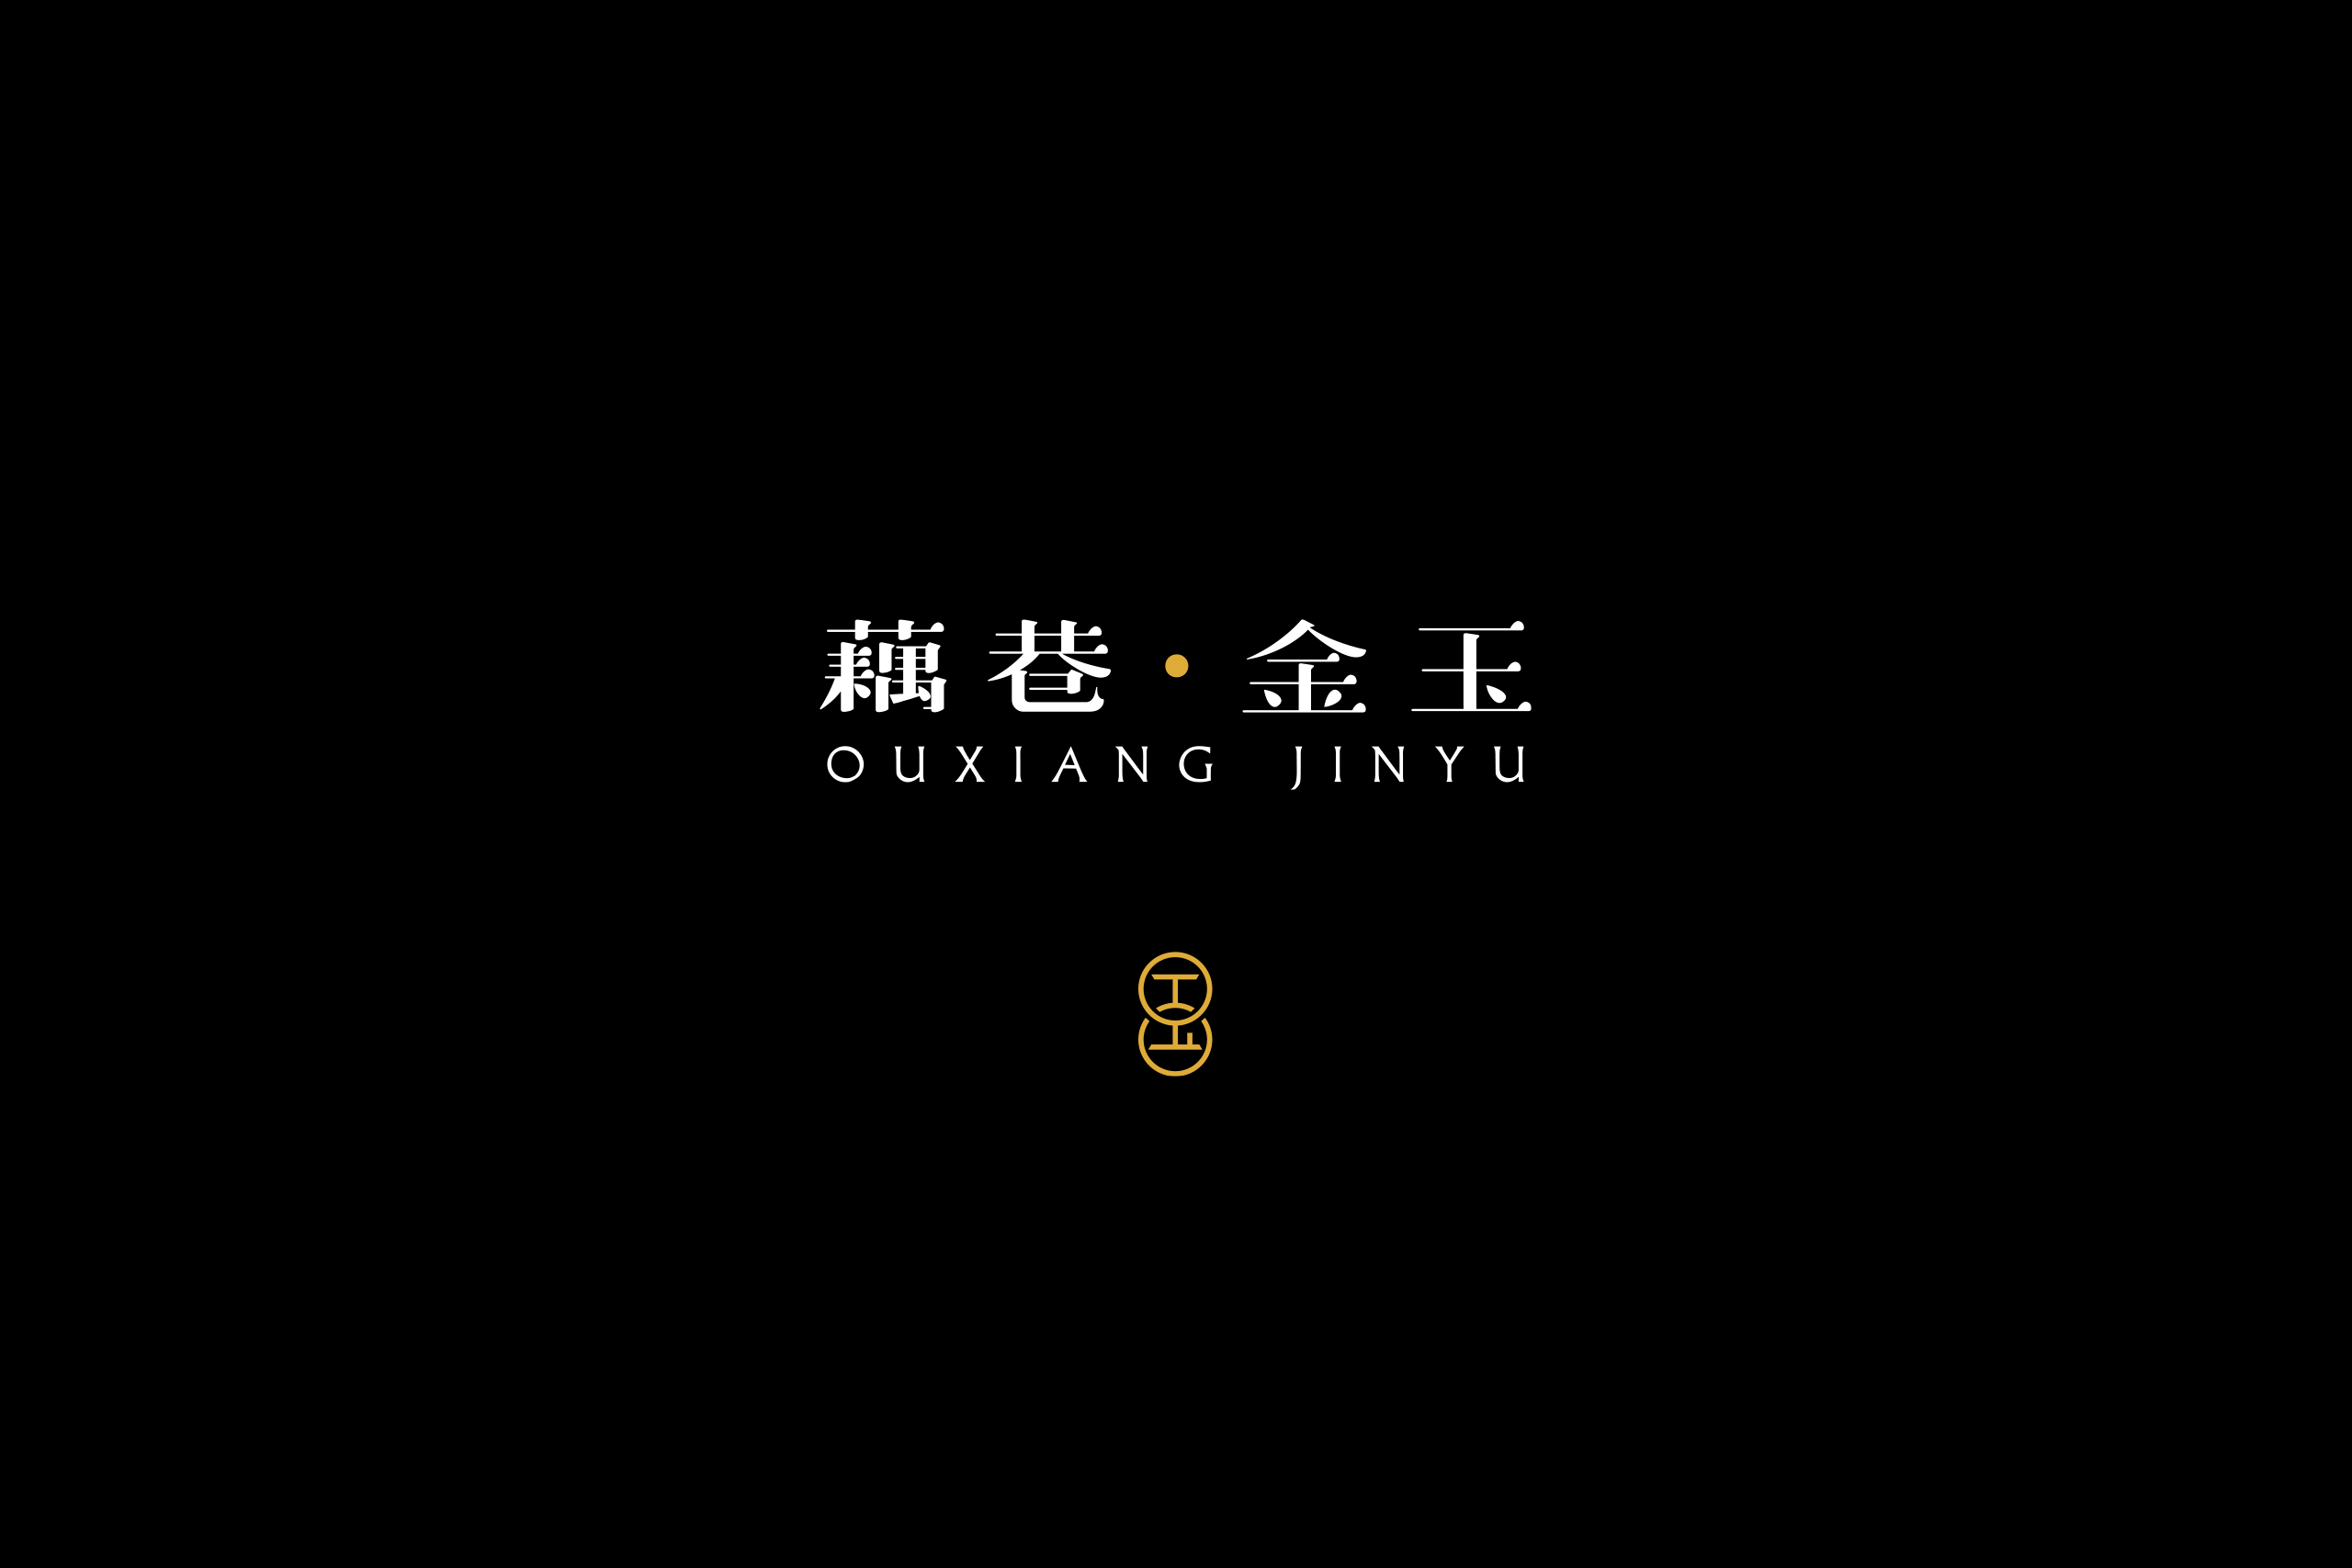 QIU_OUXIANG_15